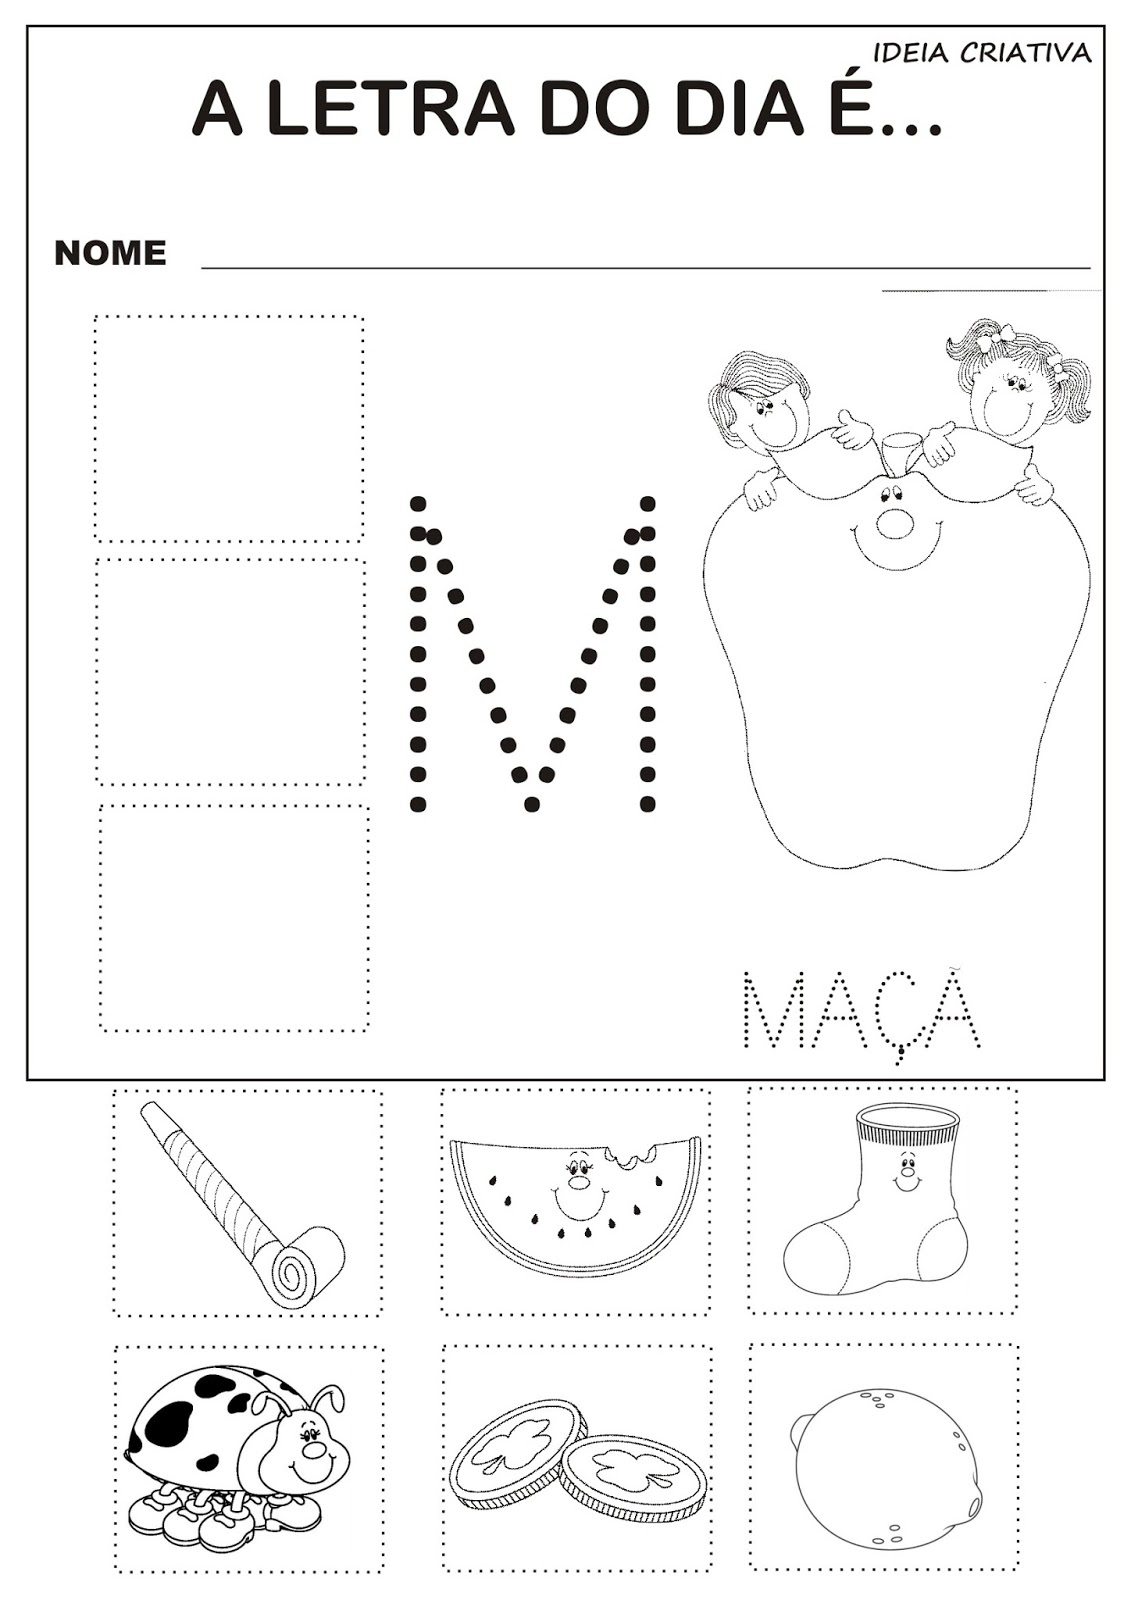 Excepcional Atividade Letra M Corte e Recorte Educativo com Pontilhado  AF51